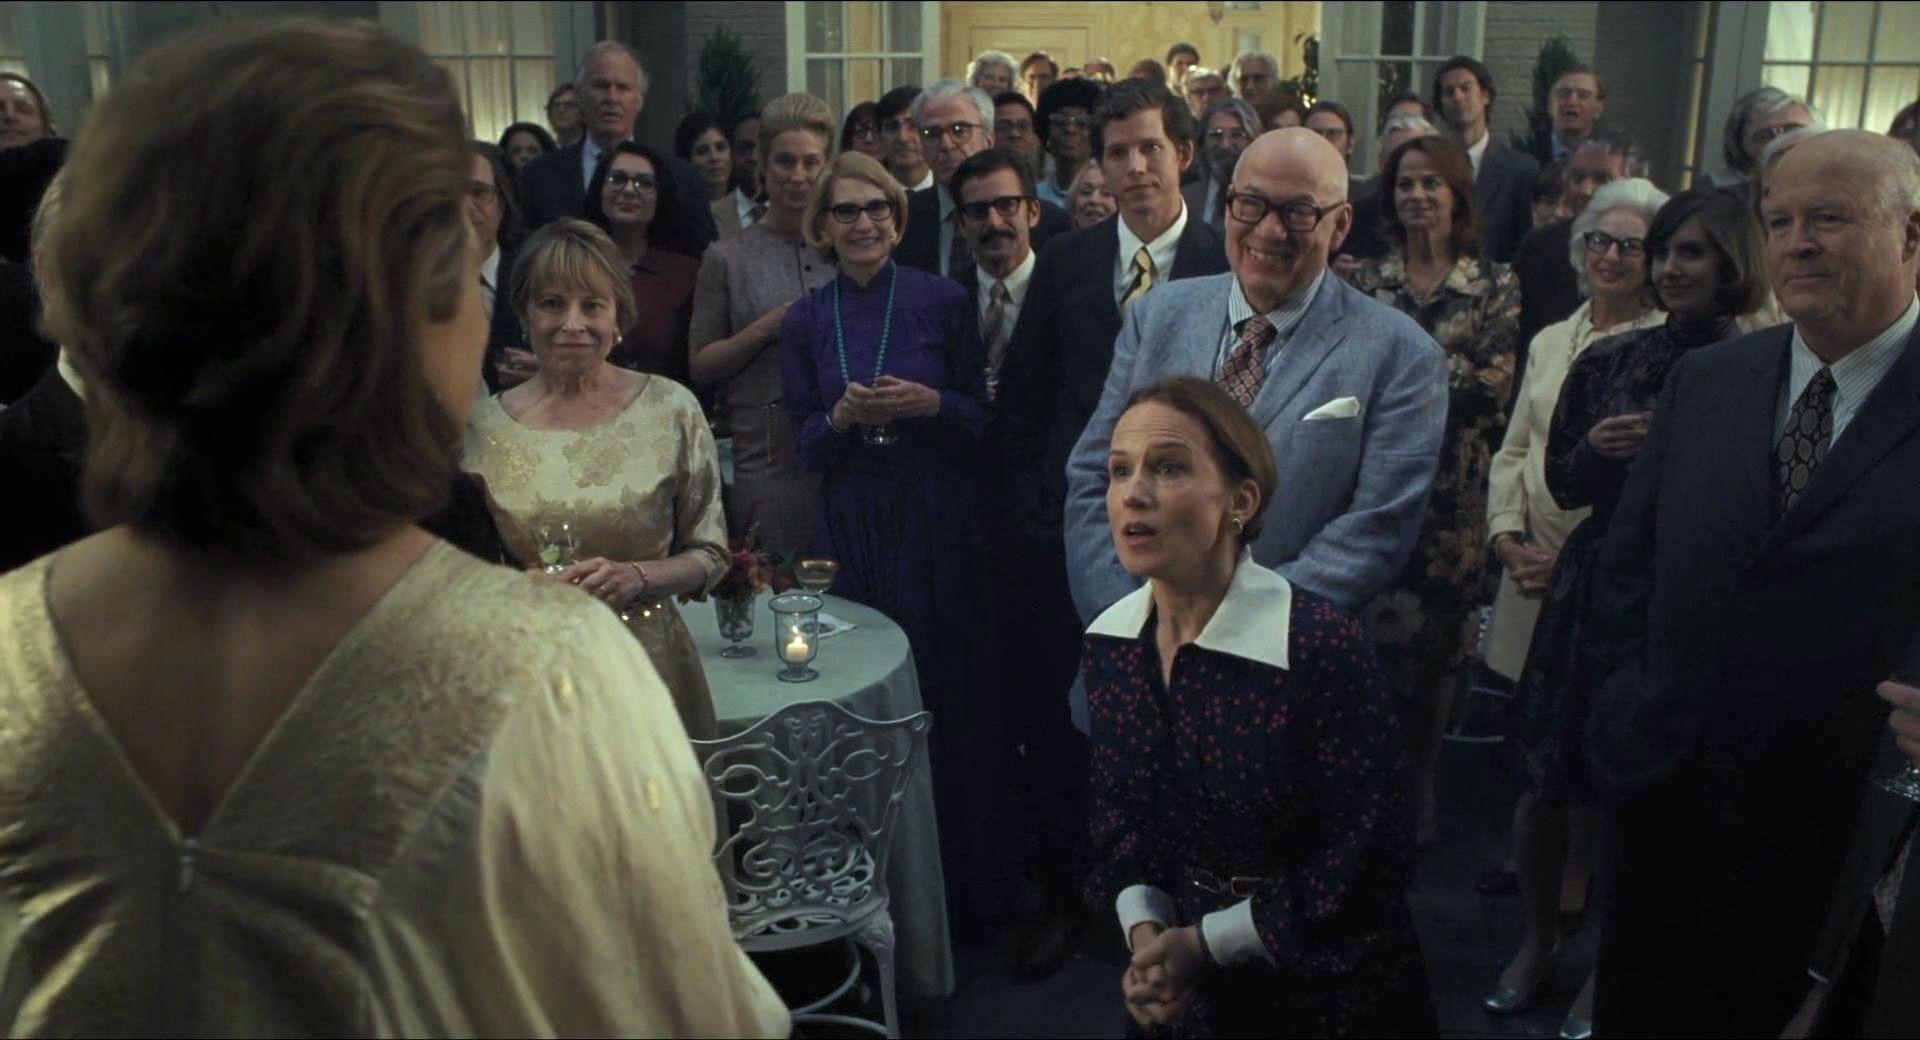 Meryl Streep, Jennifer Dundas, Peter Van Wagner, Stark Sands, Alison Brie, and John Rue in The Post (2017)